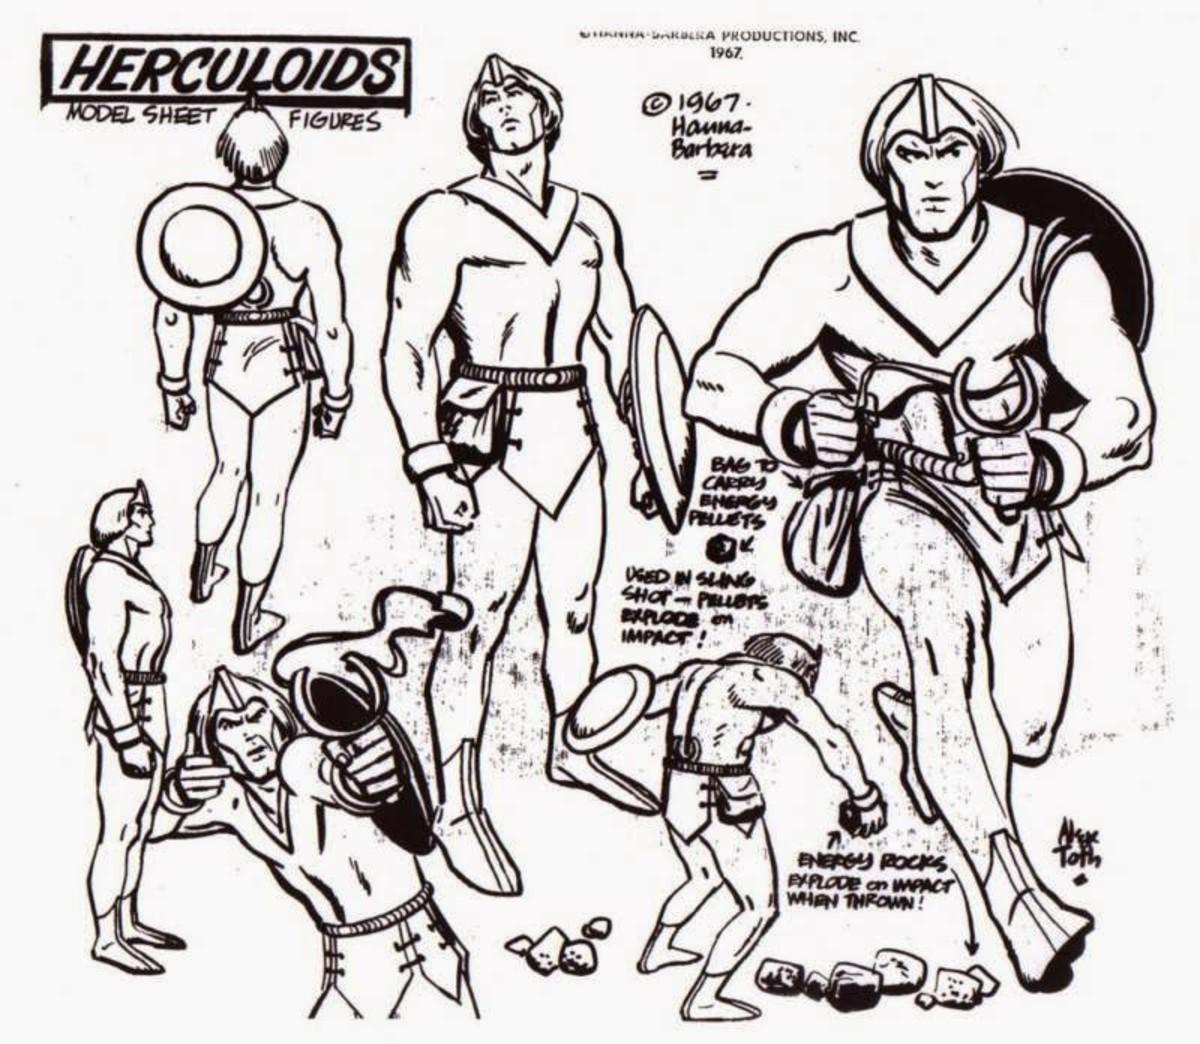 Model sheet for Zandor, drawn by Alex Toth